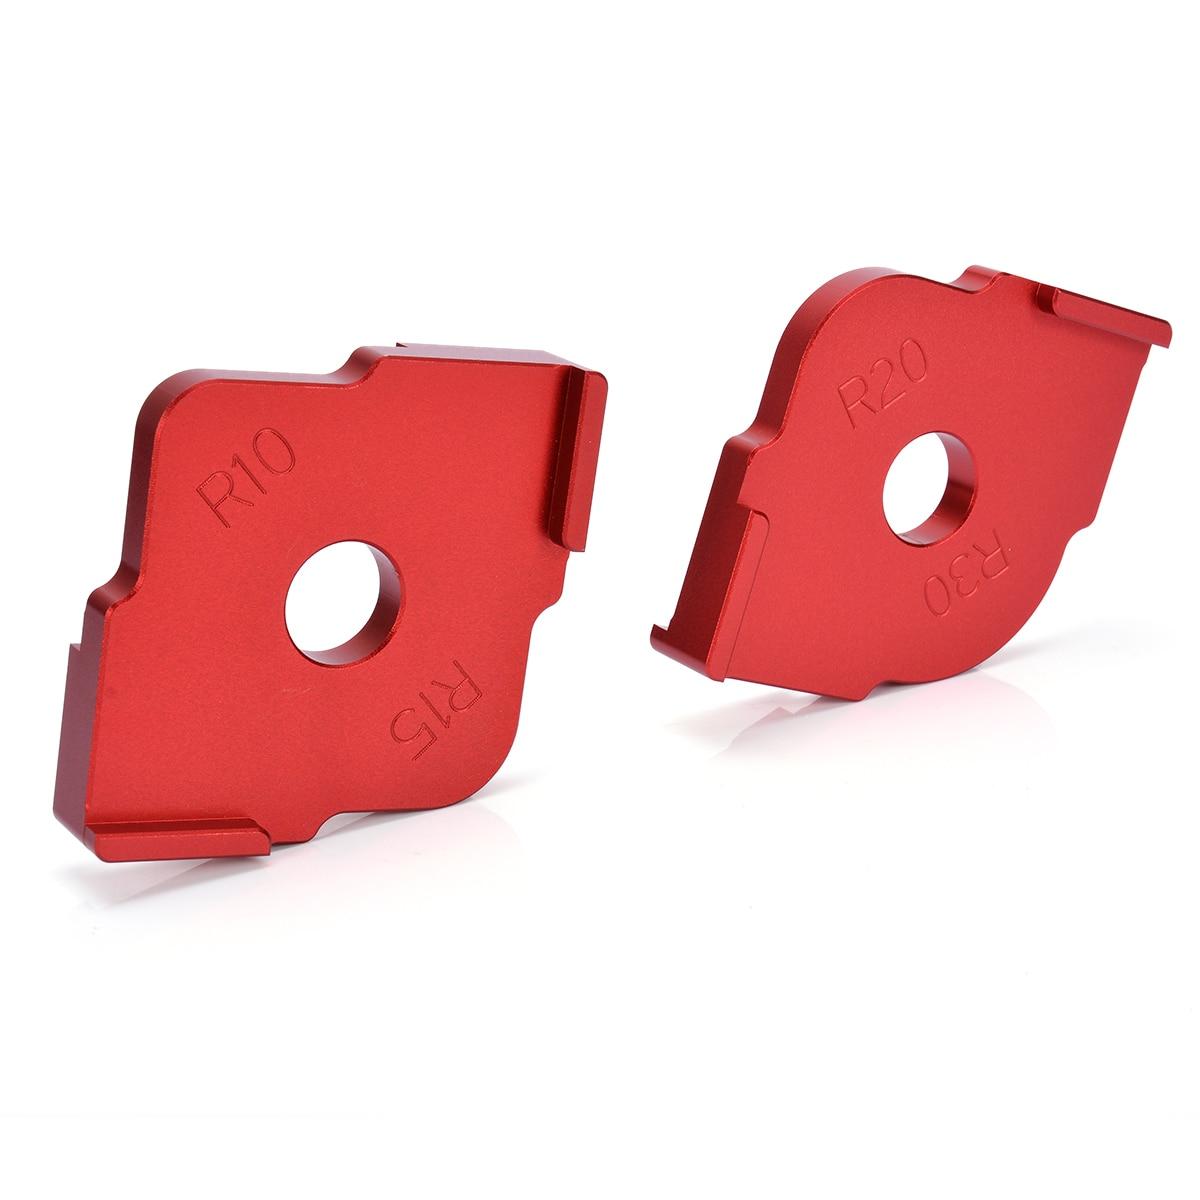 100% Wahr 2 Stücke Holz Panel Radius Tisch Bits Schnell-jig Vorlage Router Jig Ecke Vorlagen Mit Box Für Holzbearbeitung Werkzeug